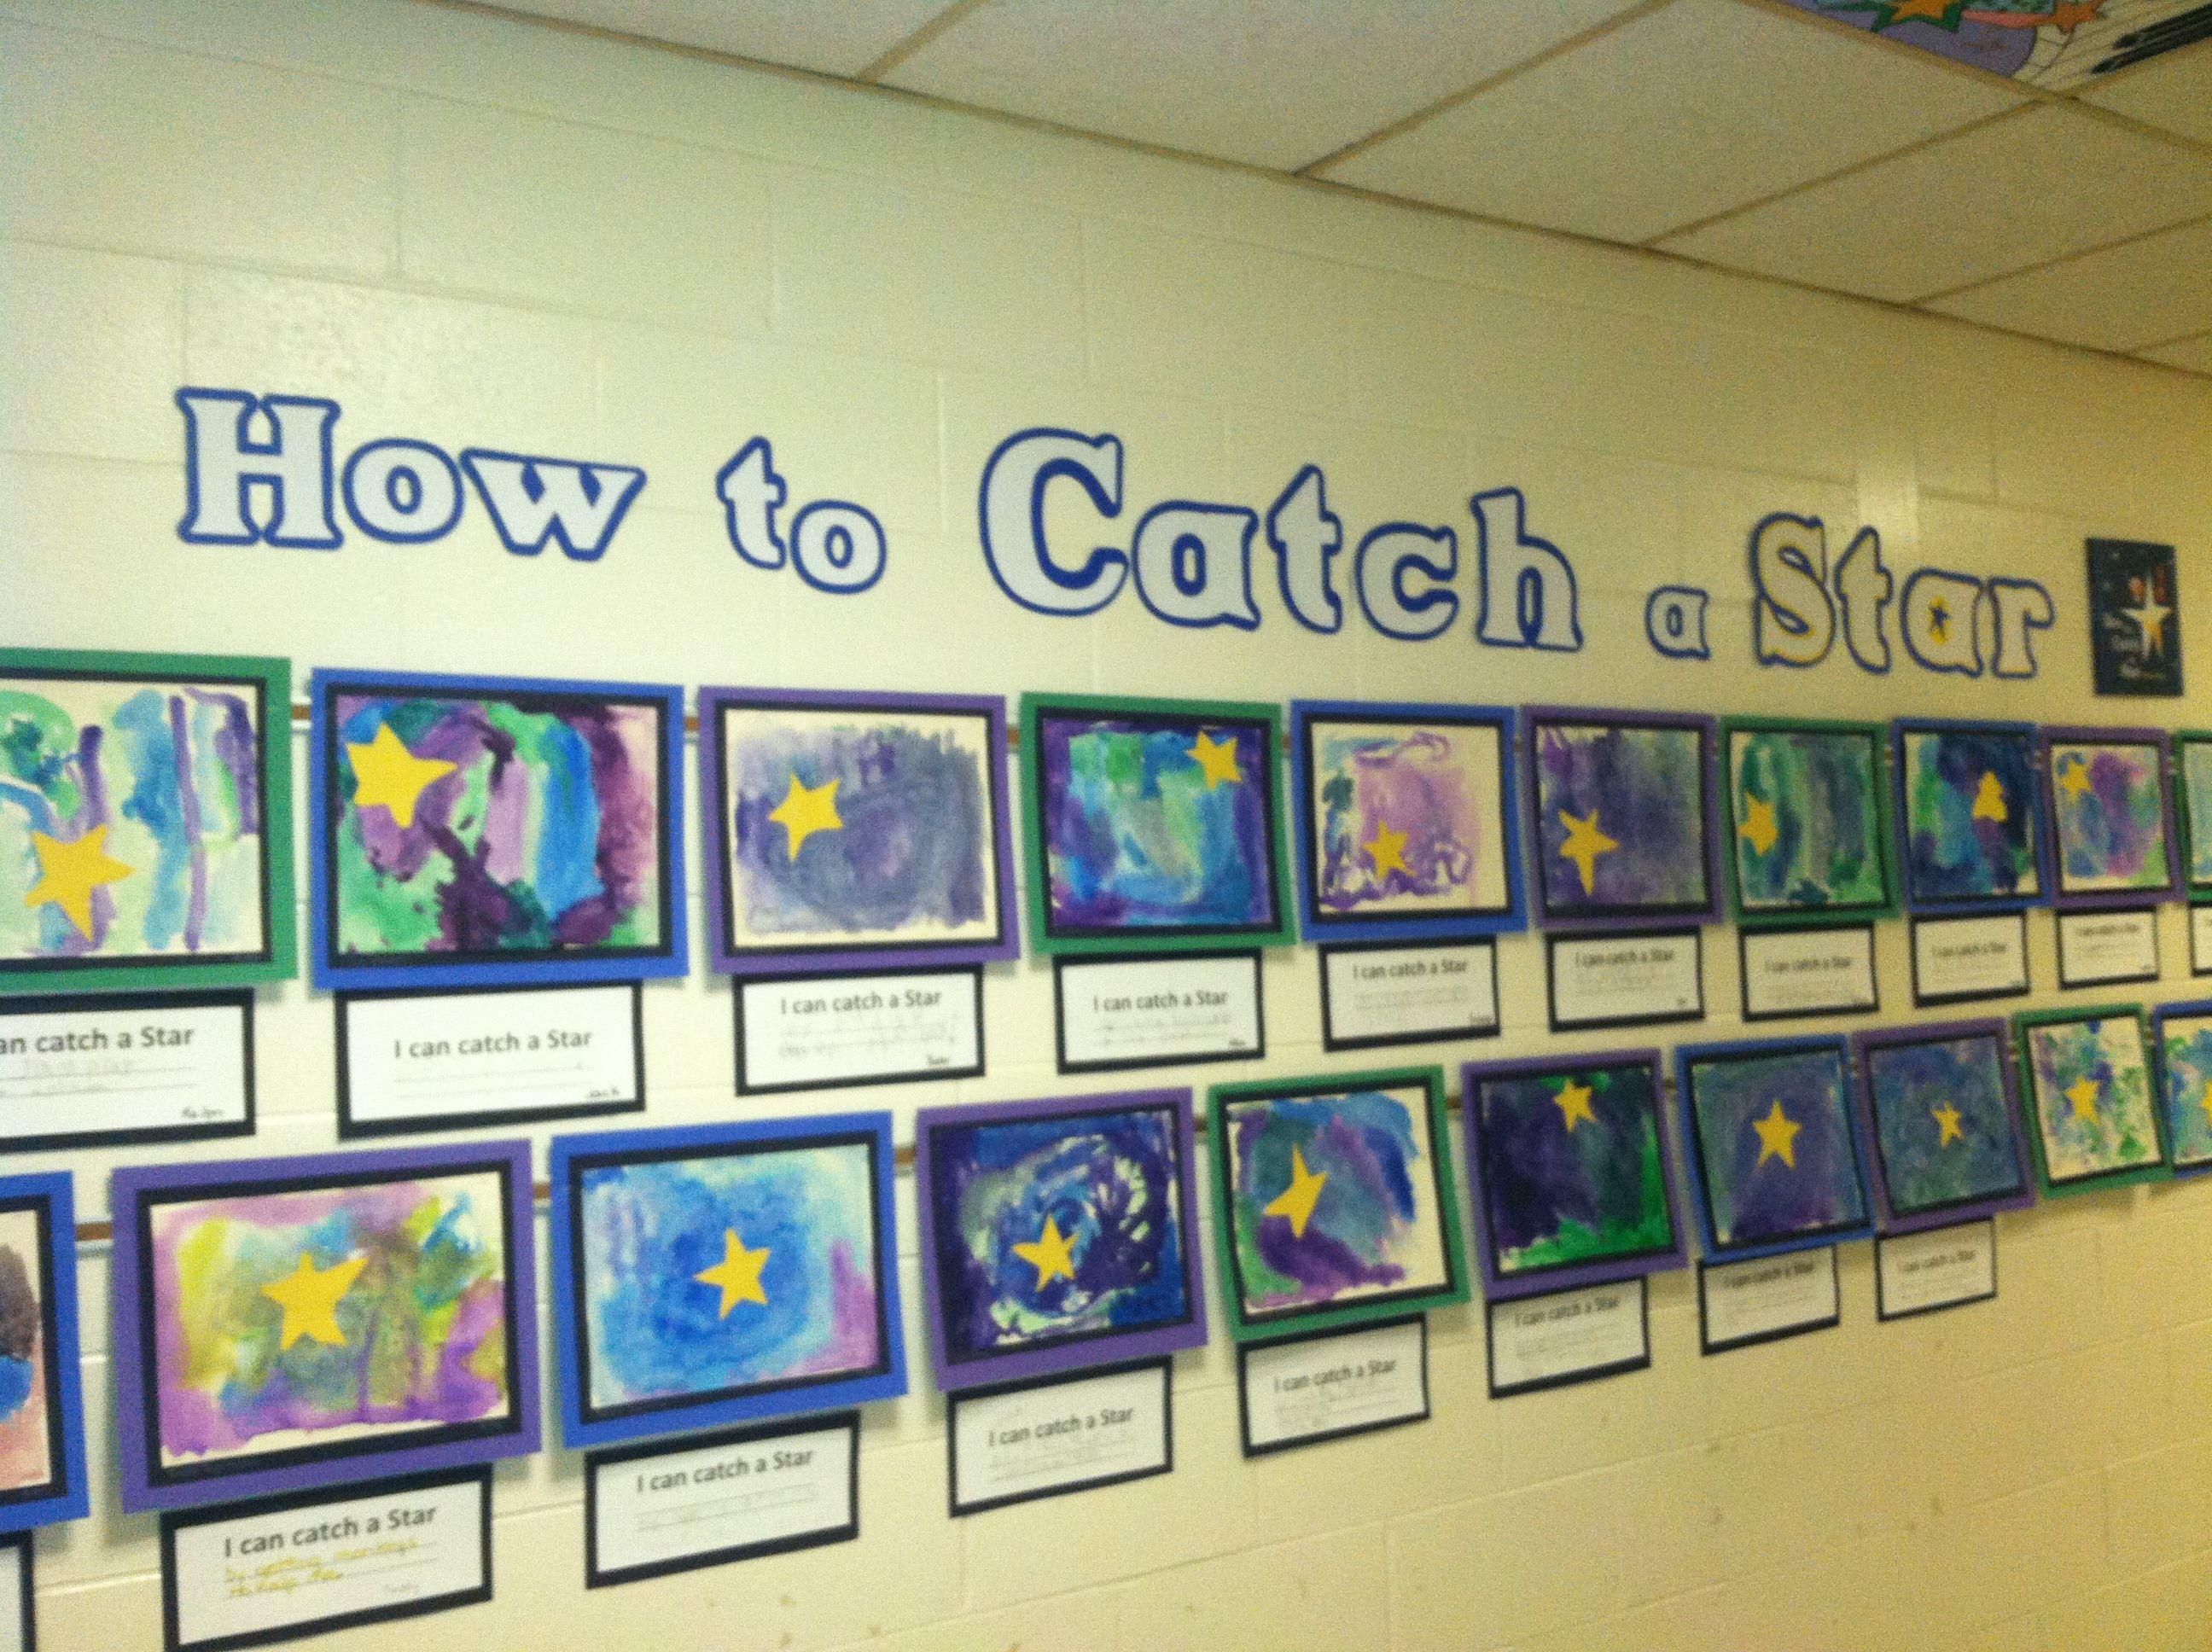 Kindergarten To Catch A Star Watercolor Salt Cut